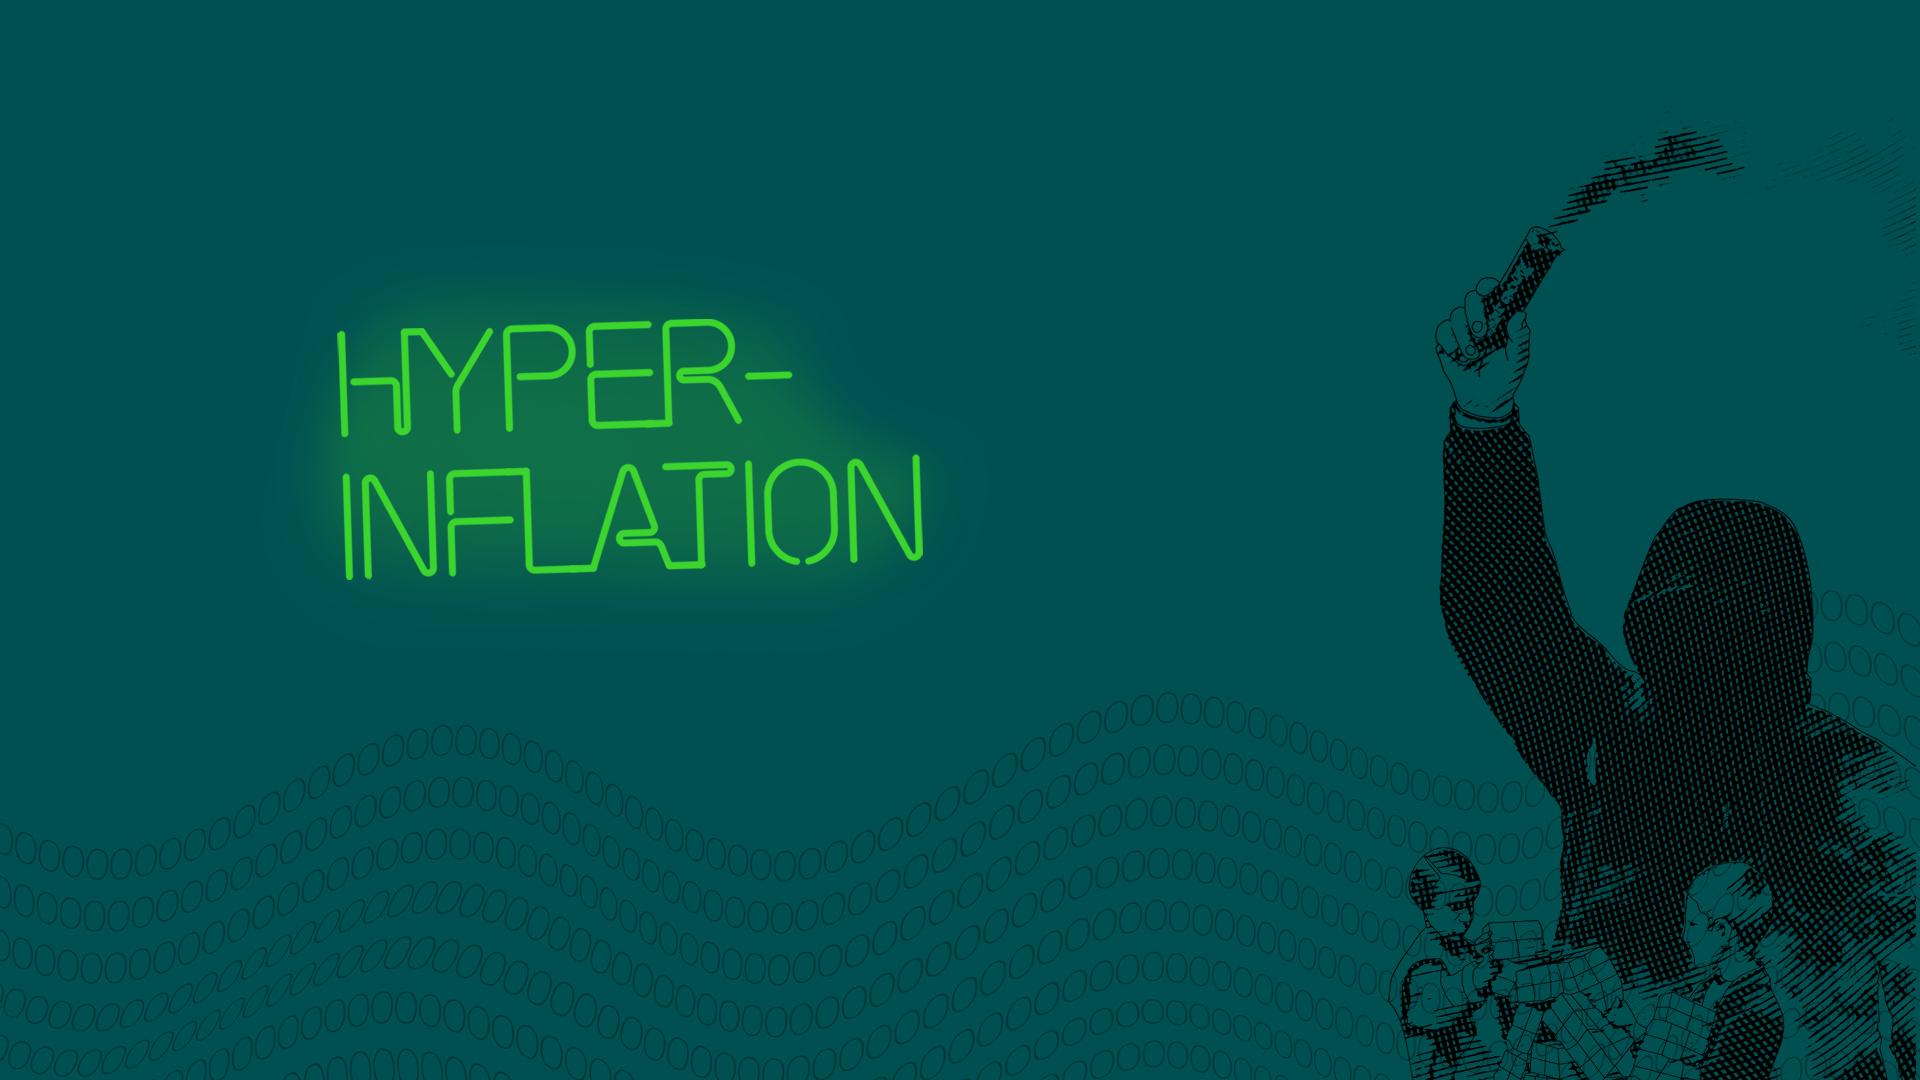 Illustration med turkos bakgrund med texten hyperinflation i neongrön och en huligan som håller upp en rykande fackla